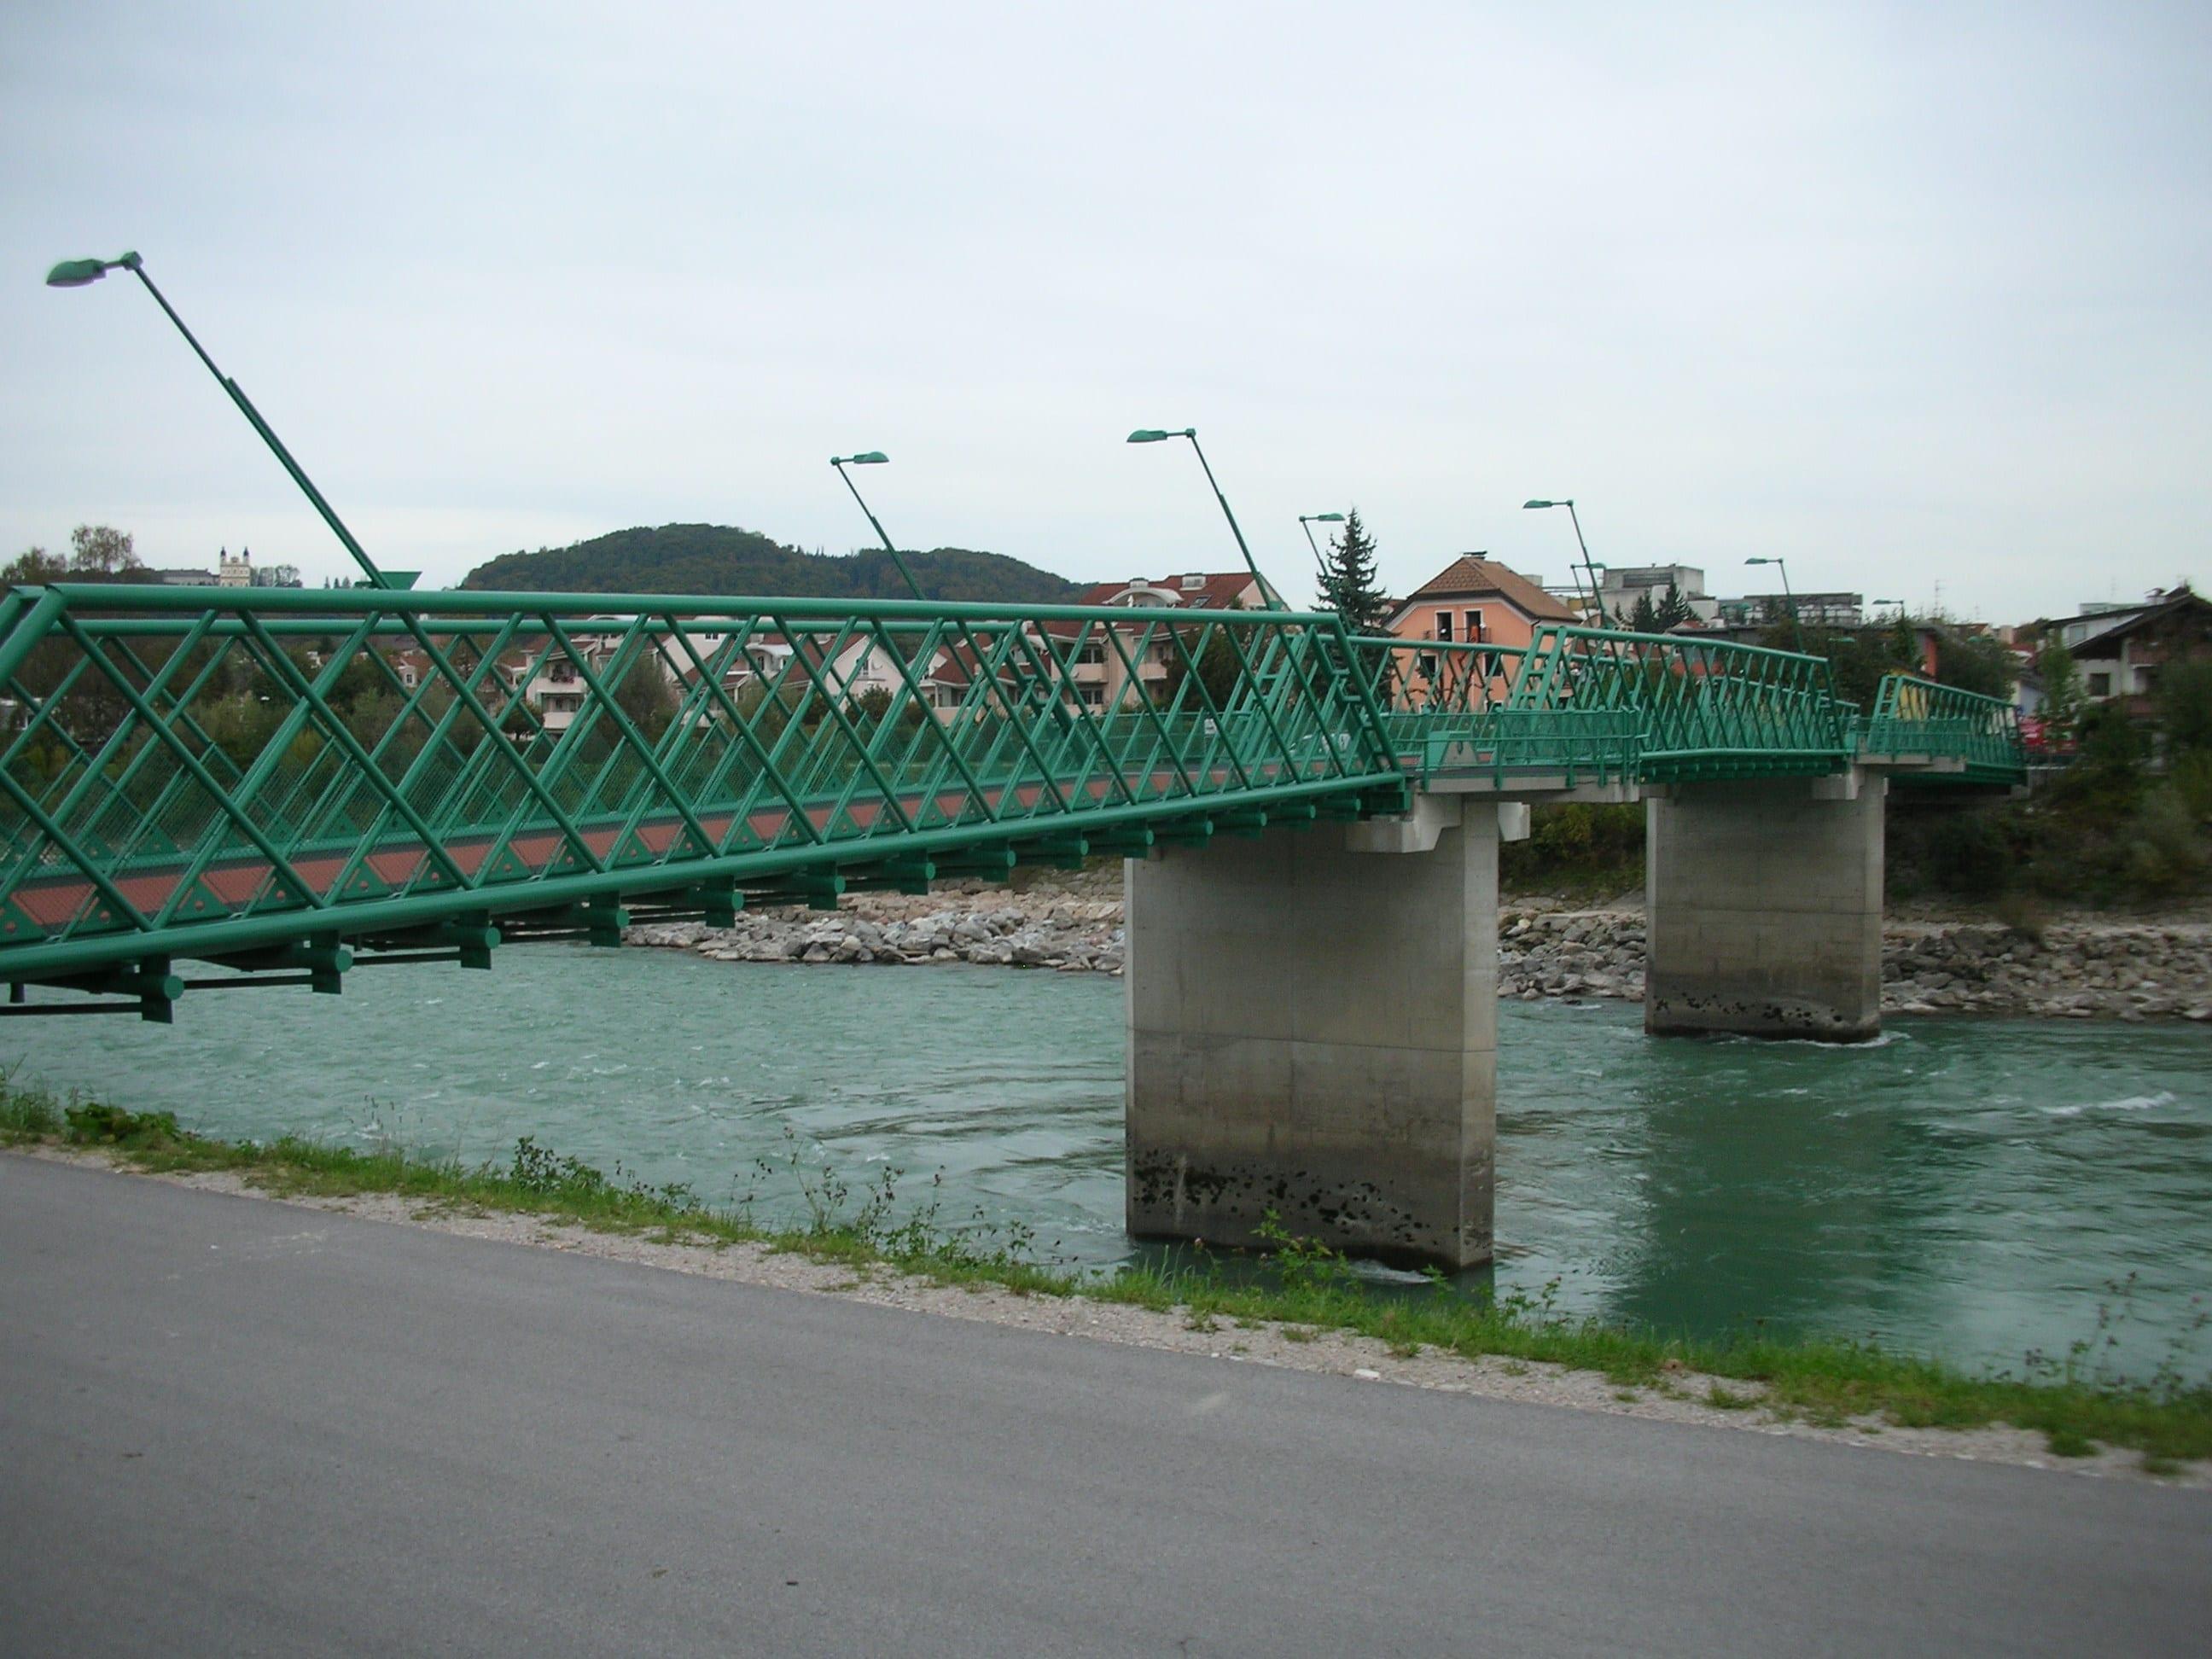 Traklsteg_Fertiggestellte Brücke 2